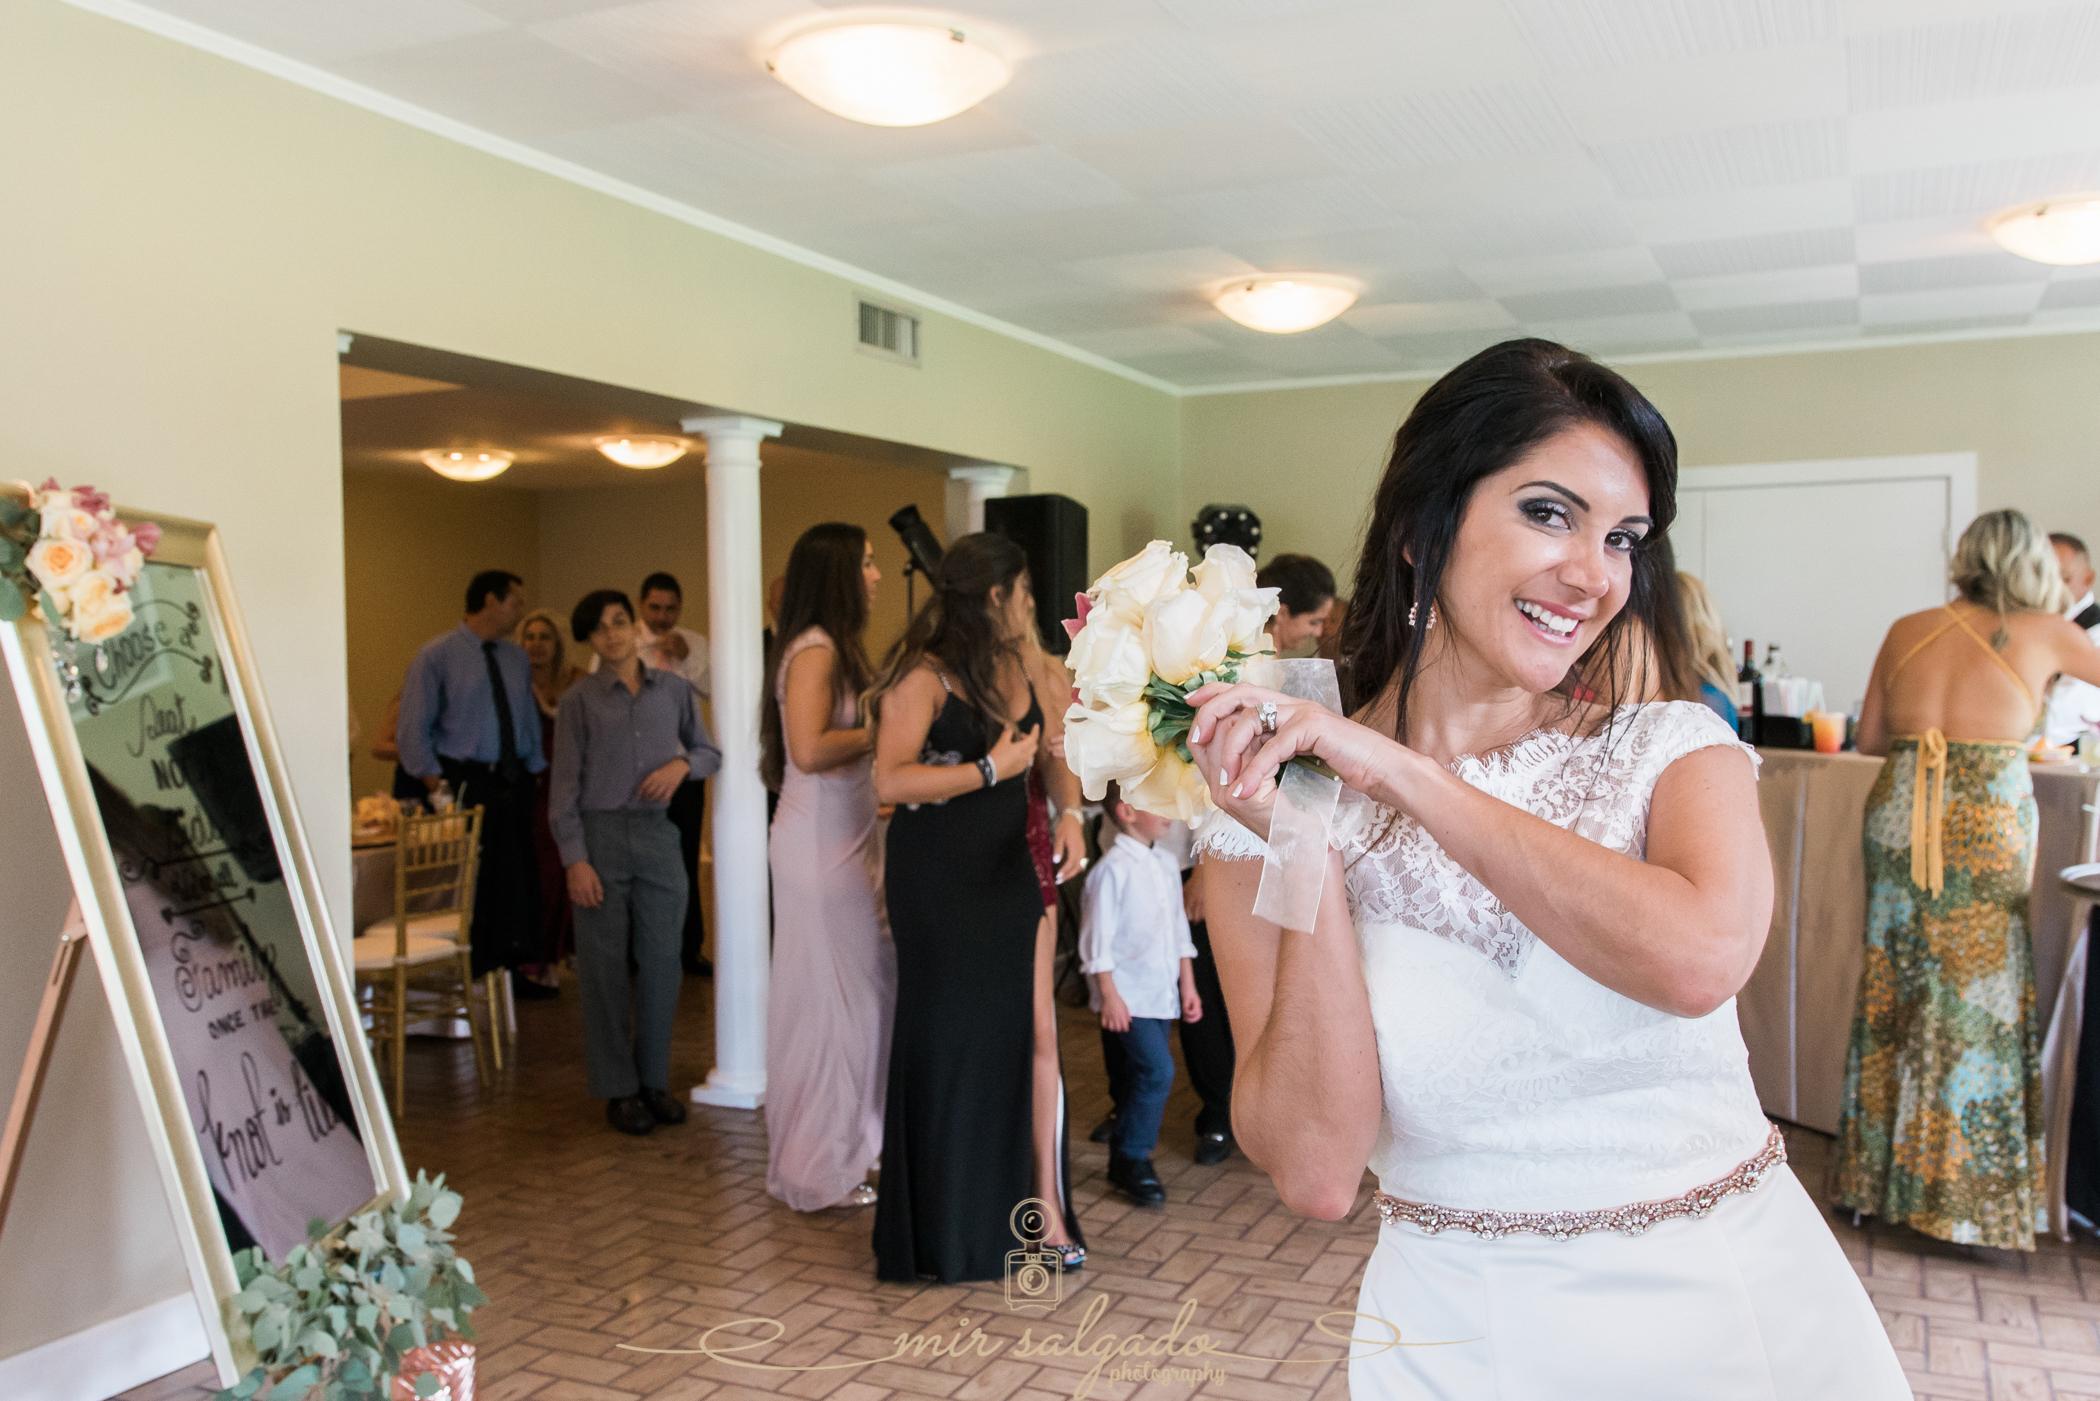 bouquet-toss, Bok-tower-gardens-wedding-photo